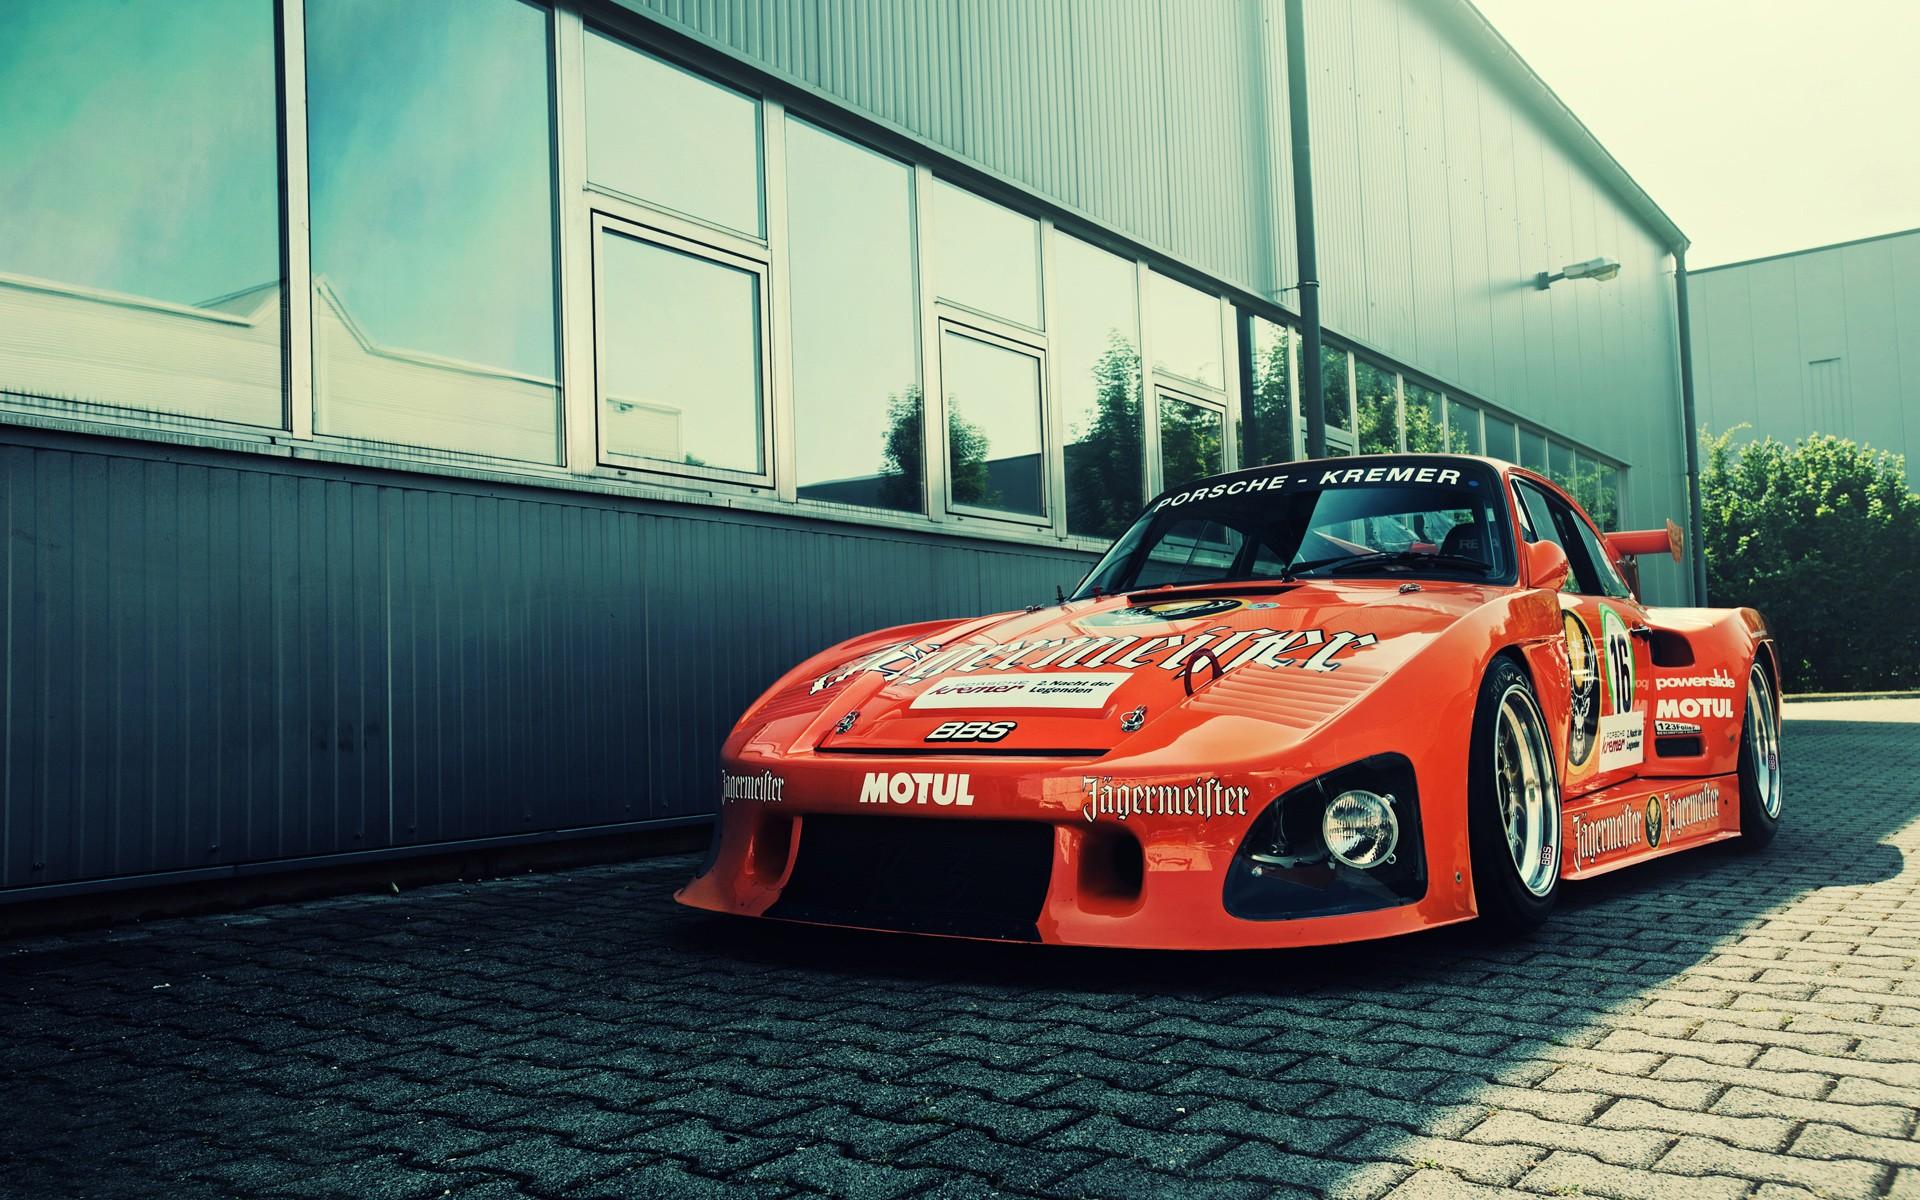 Race Car Wallpaper For Iphone Kremer Porsche 935 K3 Jagermeister Wallpaper Hd Car